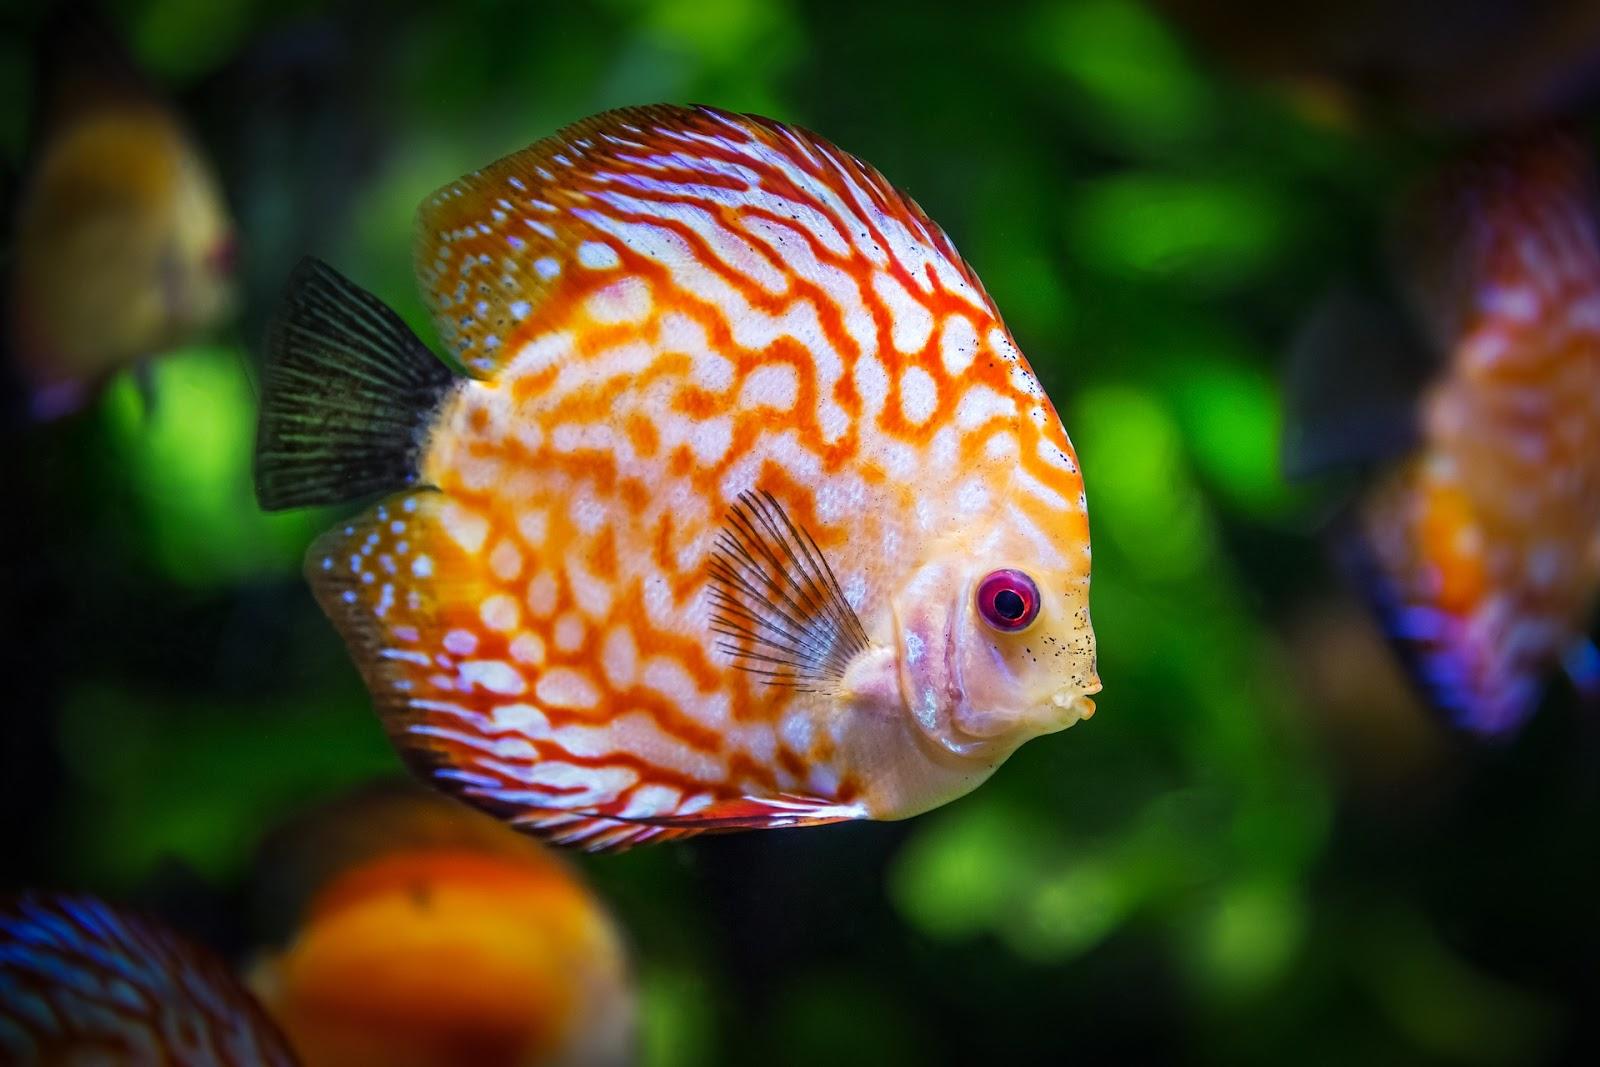 Fish and plant aquarium